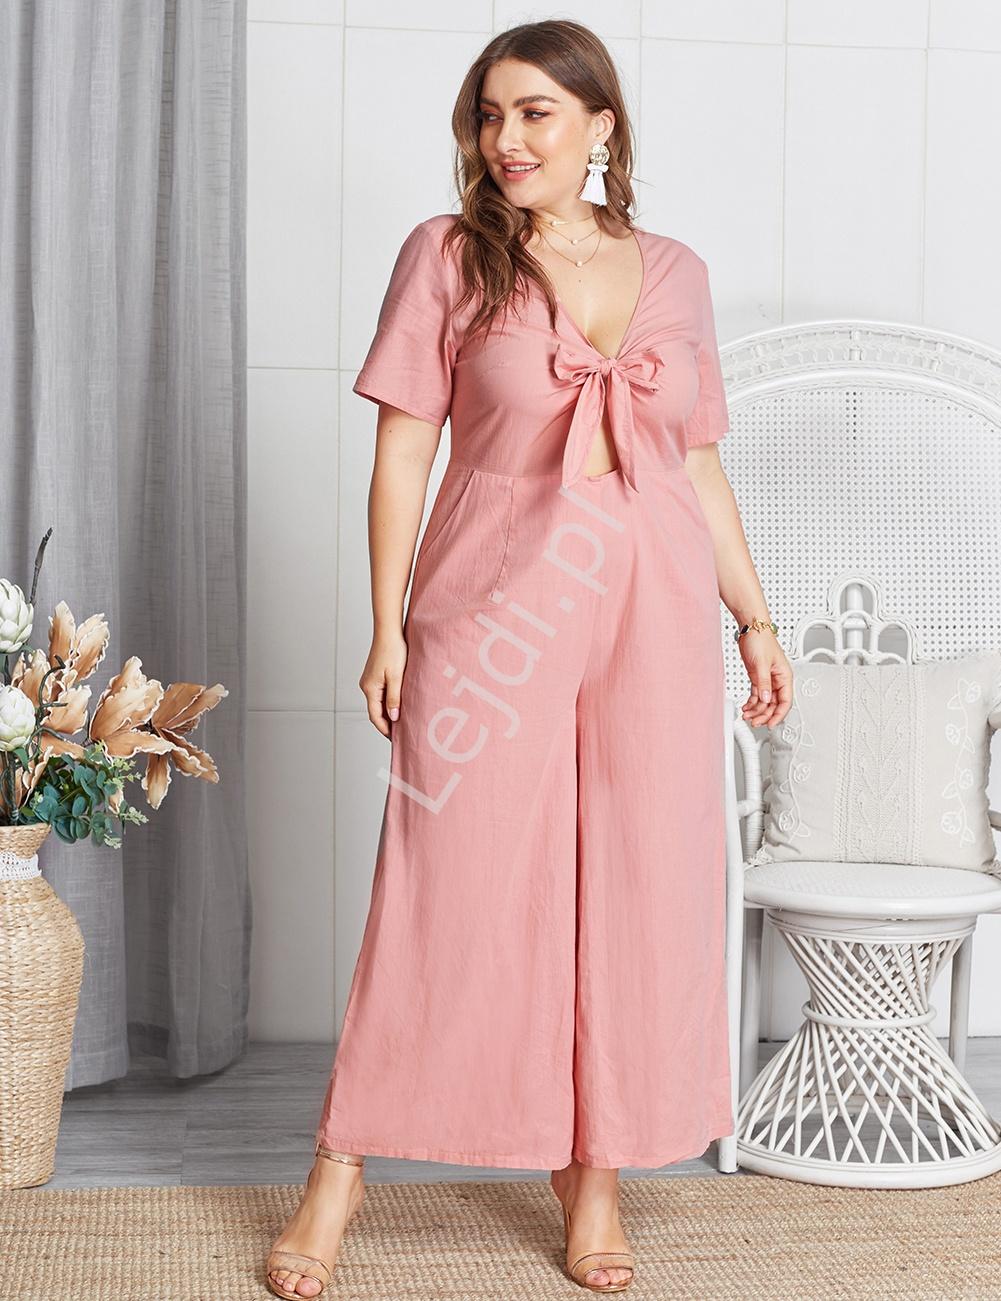 94533a92254dd1 Bawełniany kombinezon letni Plus Size, pudrowy róż - Lejdi.pl